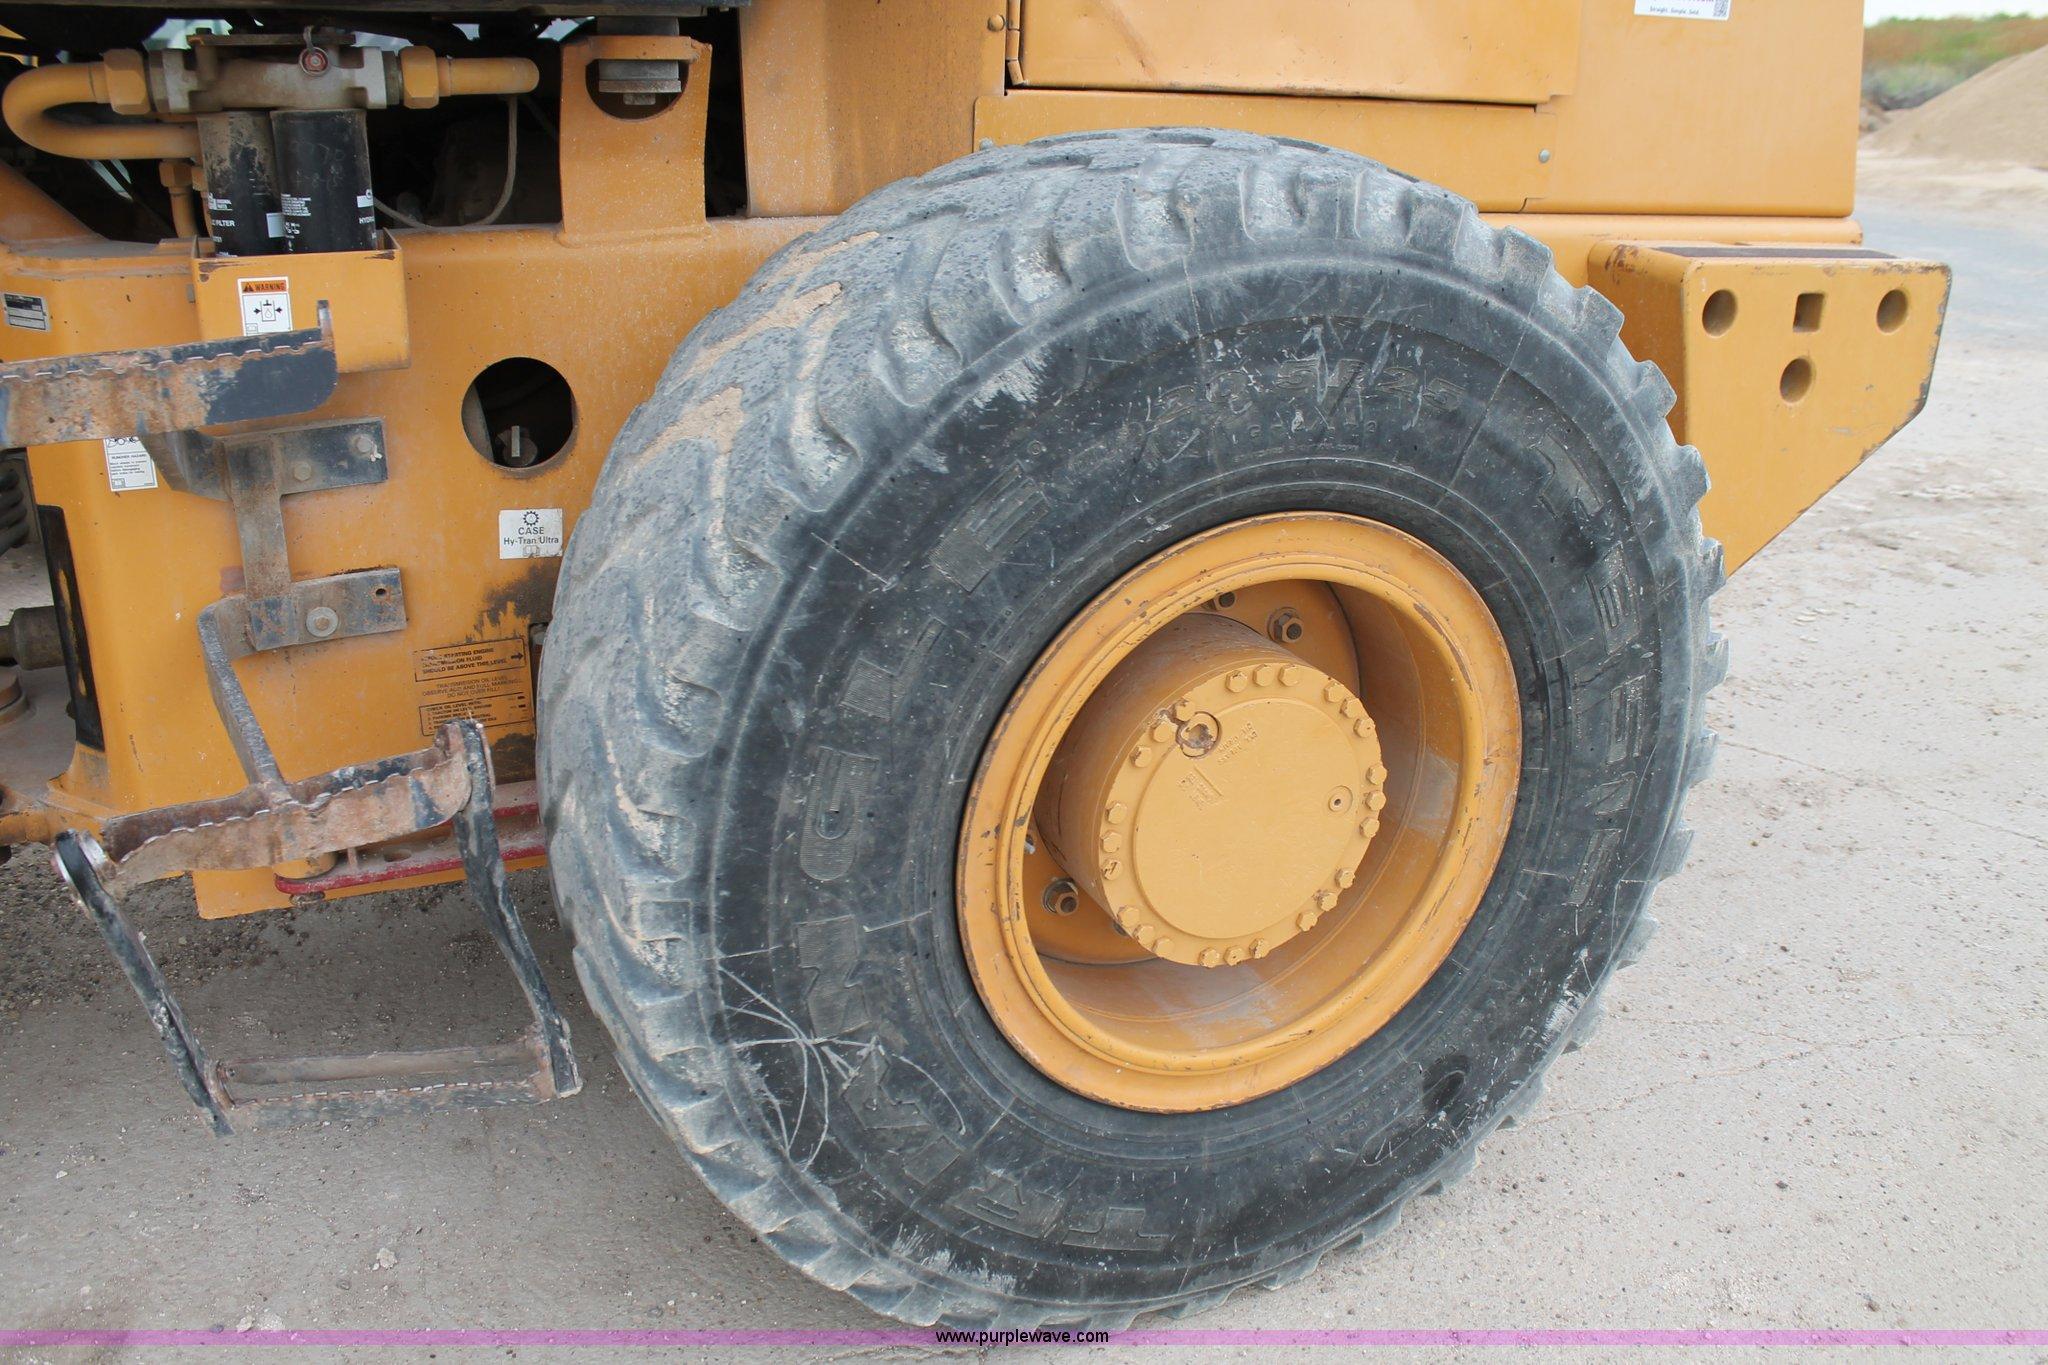 1999 Case 621C XR wheel loader   Item L4362 selling at SOLD